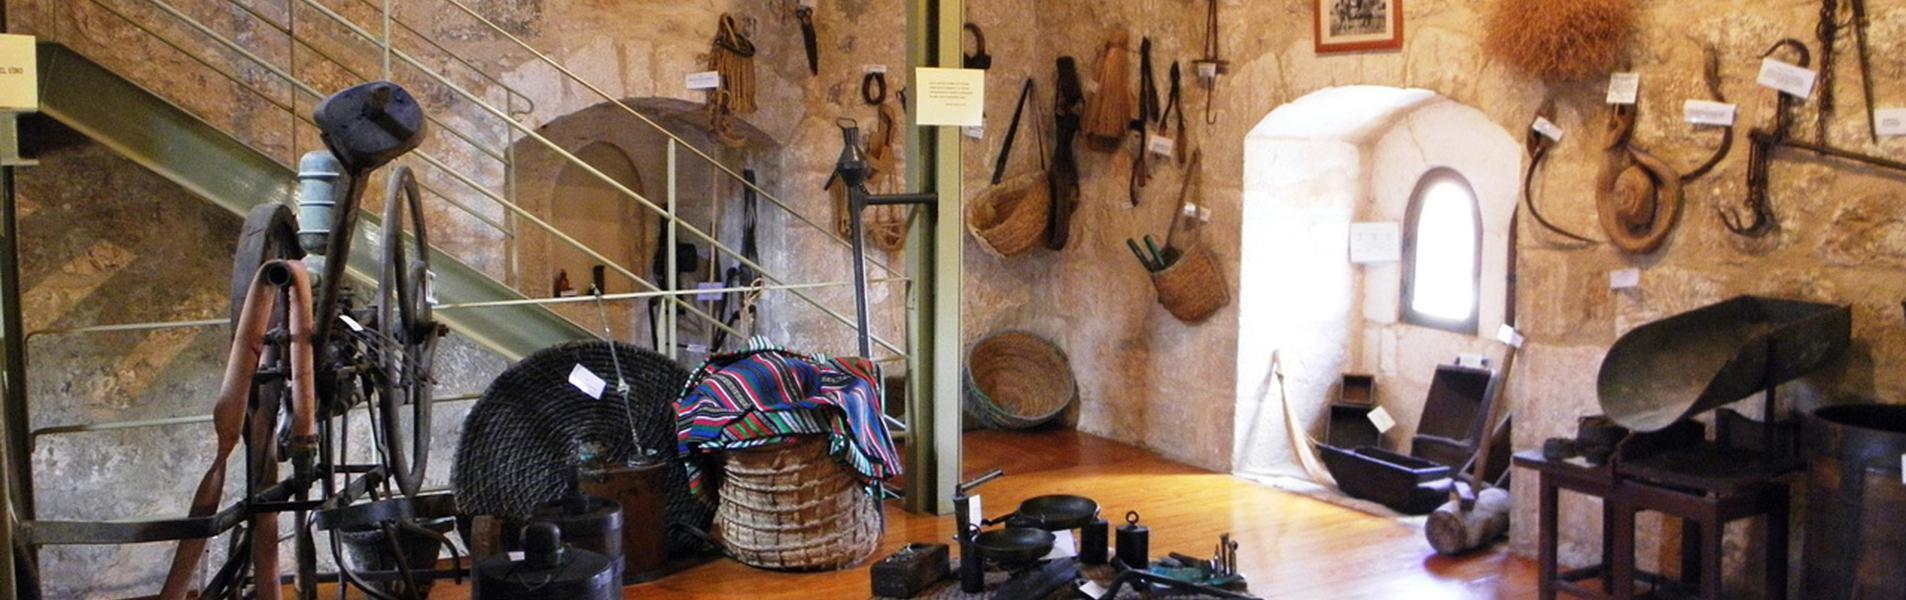 Museo Etnográfico de la Torre Vieja